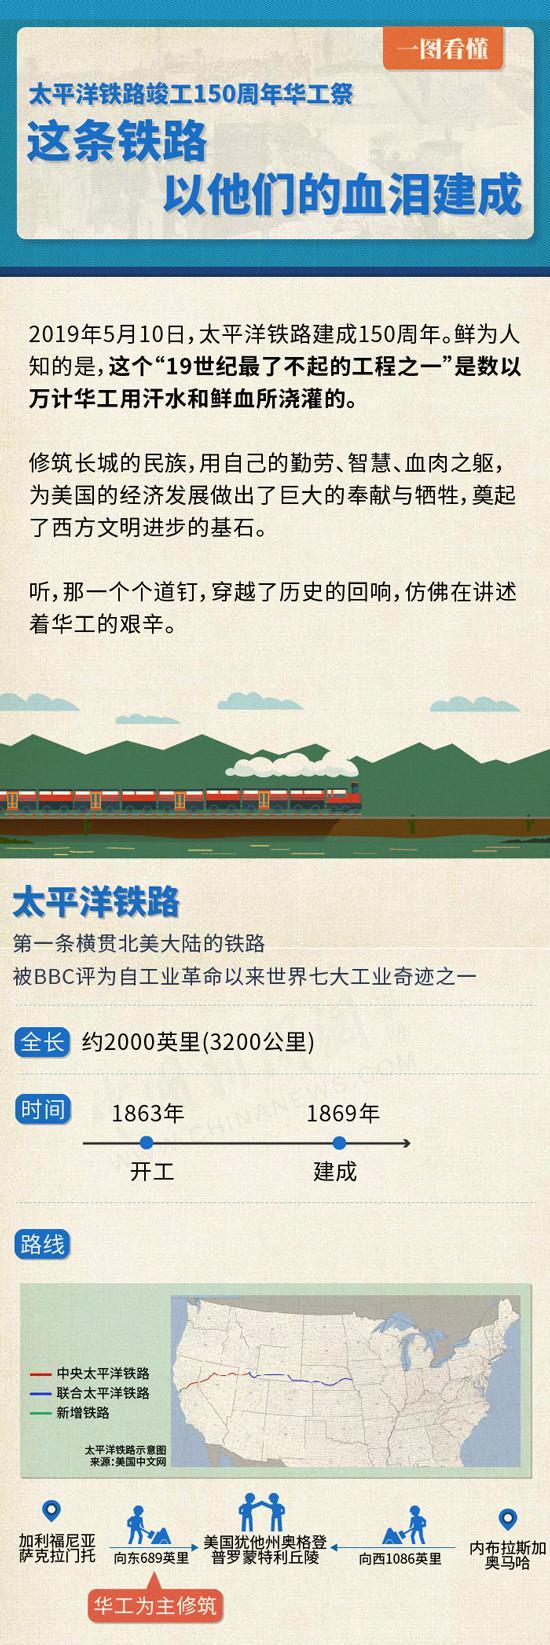 150年前的这条铁路,以他们的血泪建成